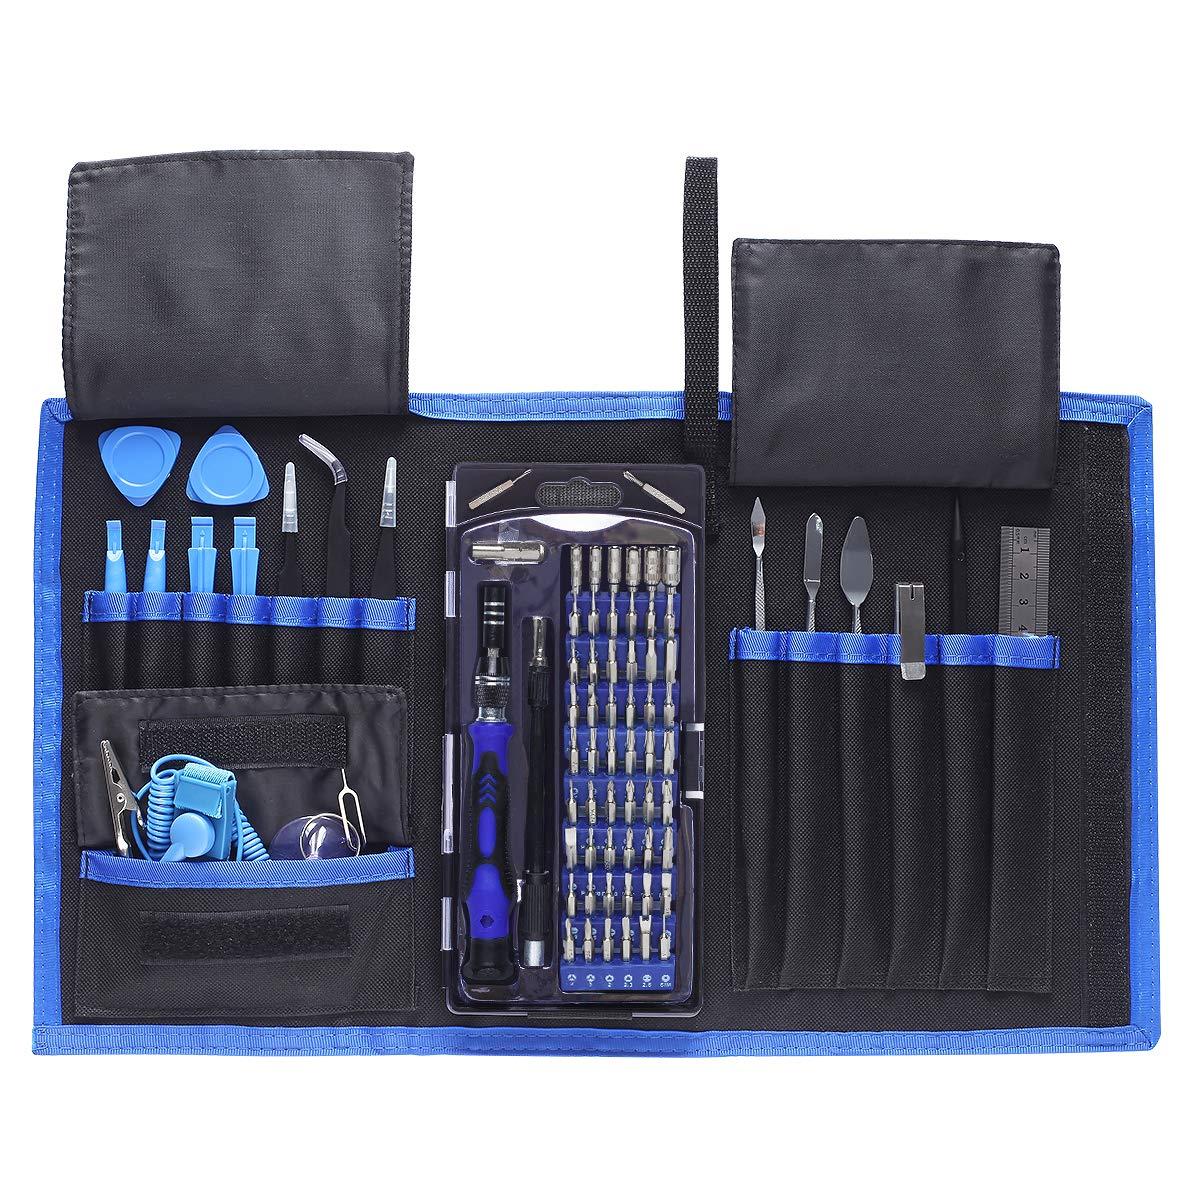 78 en 1 Kit Juego de Destornilladores de Precisión,Destornillador Portátil mit Magnéticos, Herramientas